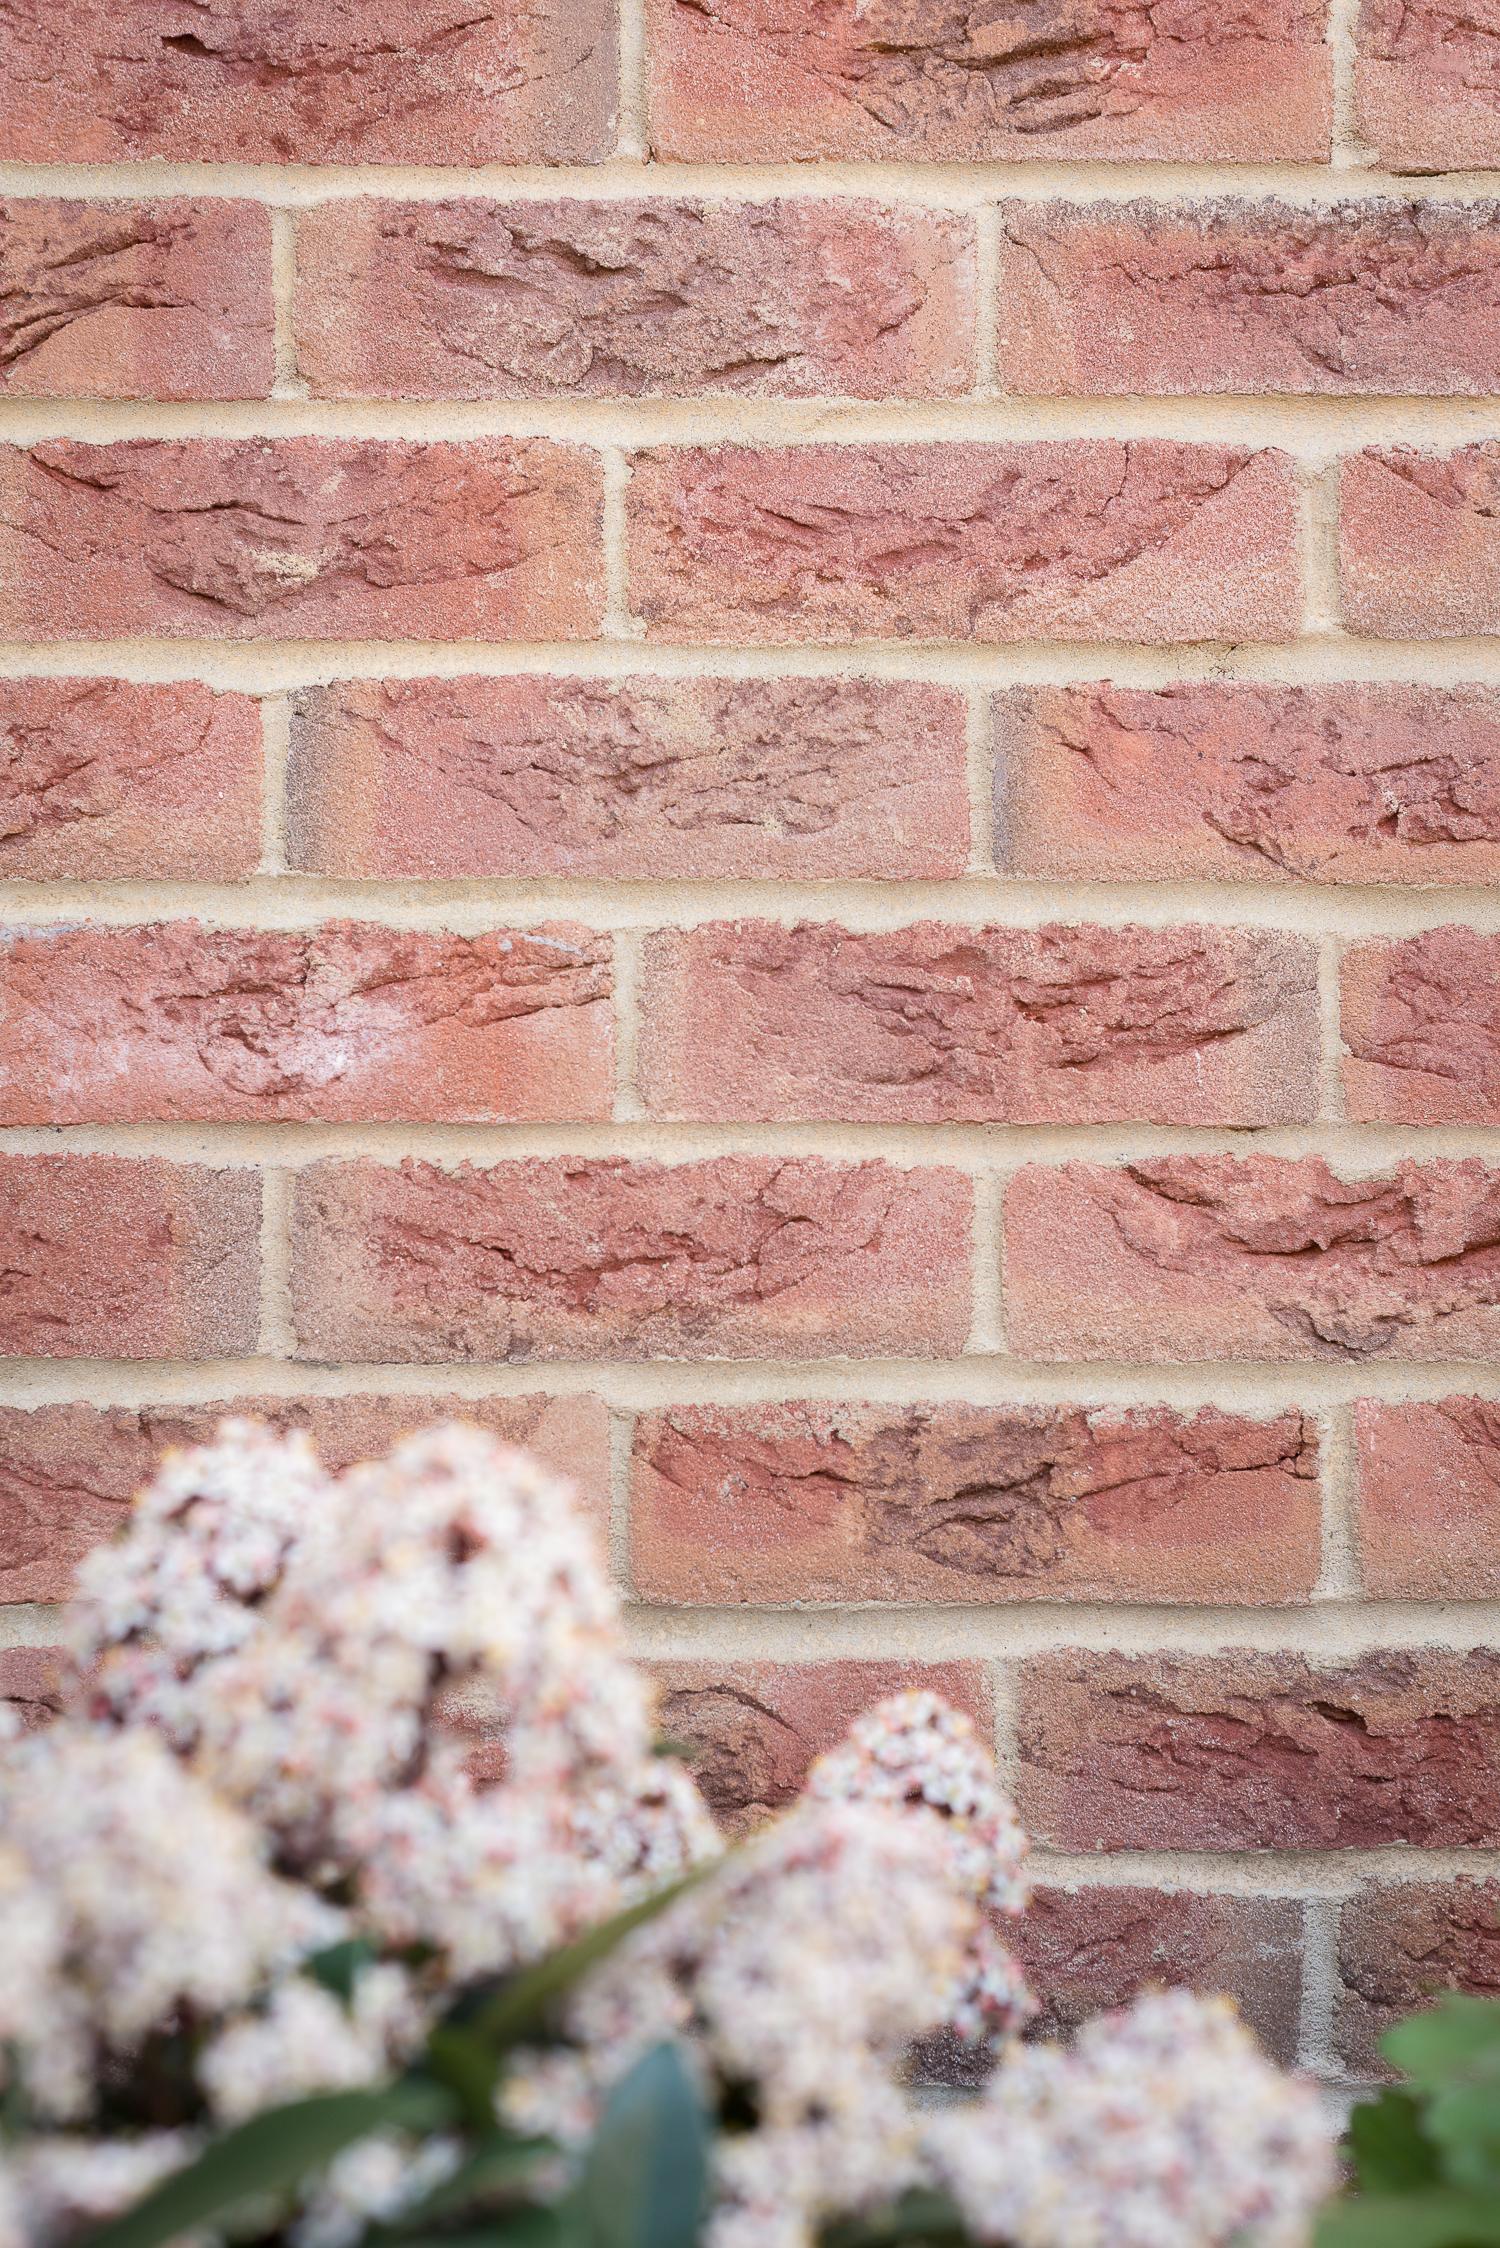 Brick Wall Detail